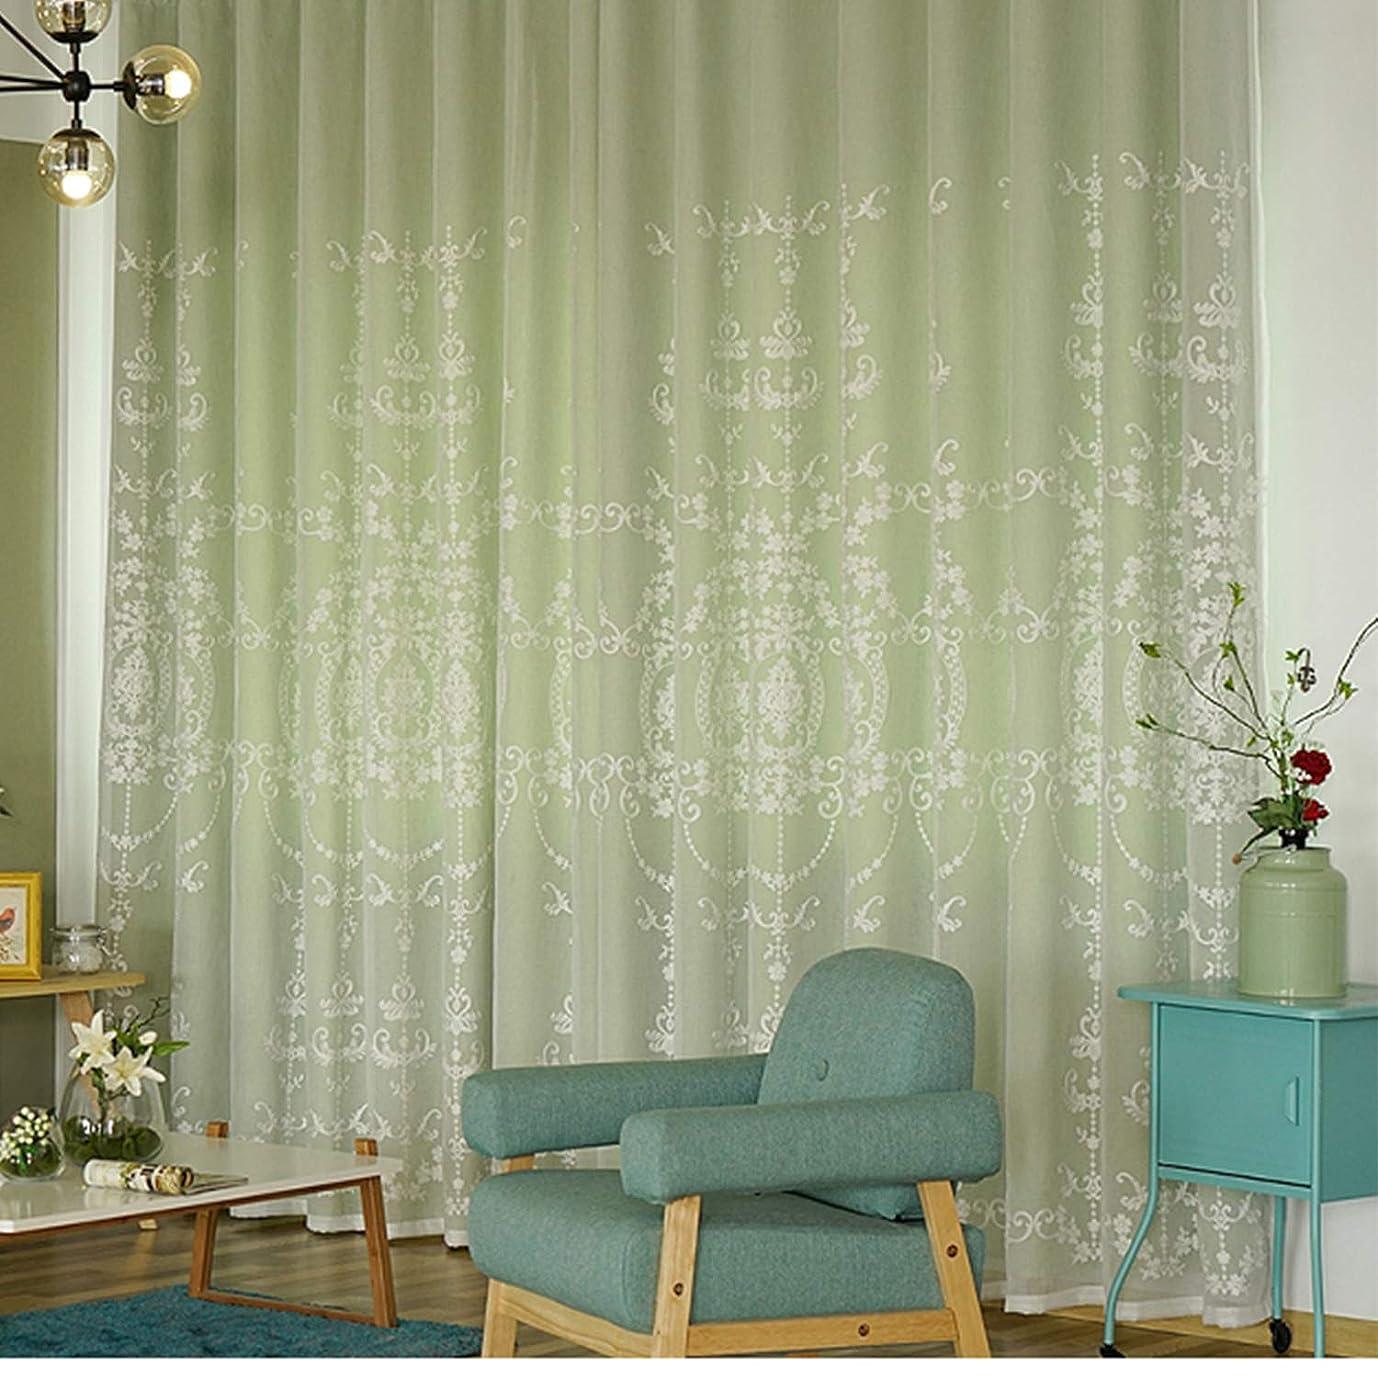 何スラム街器具姫系カーテン 遮光 カーテン かわいい グリーン 北欧 遮光率95% 女の子 遮光 二重カーテン 幅100×丈200cm 2枚組